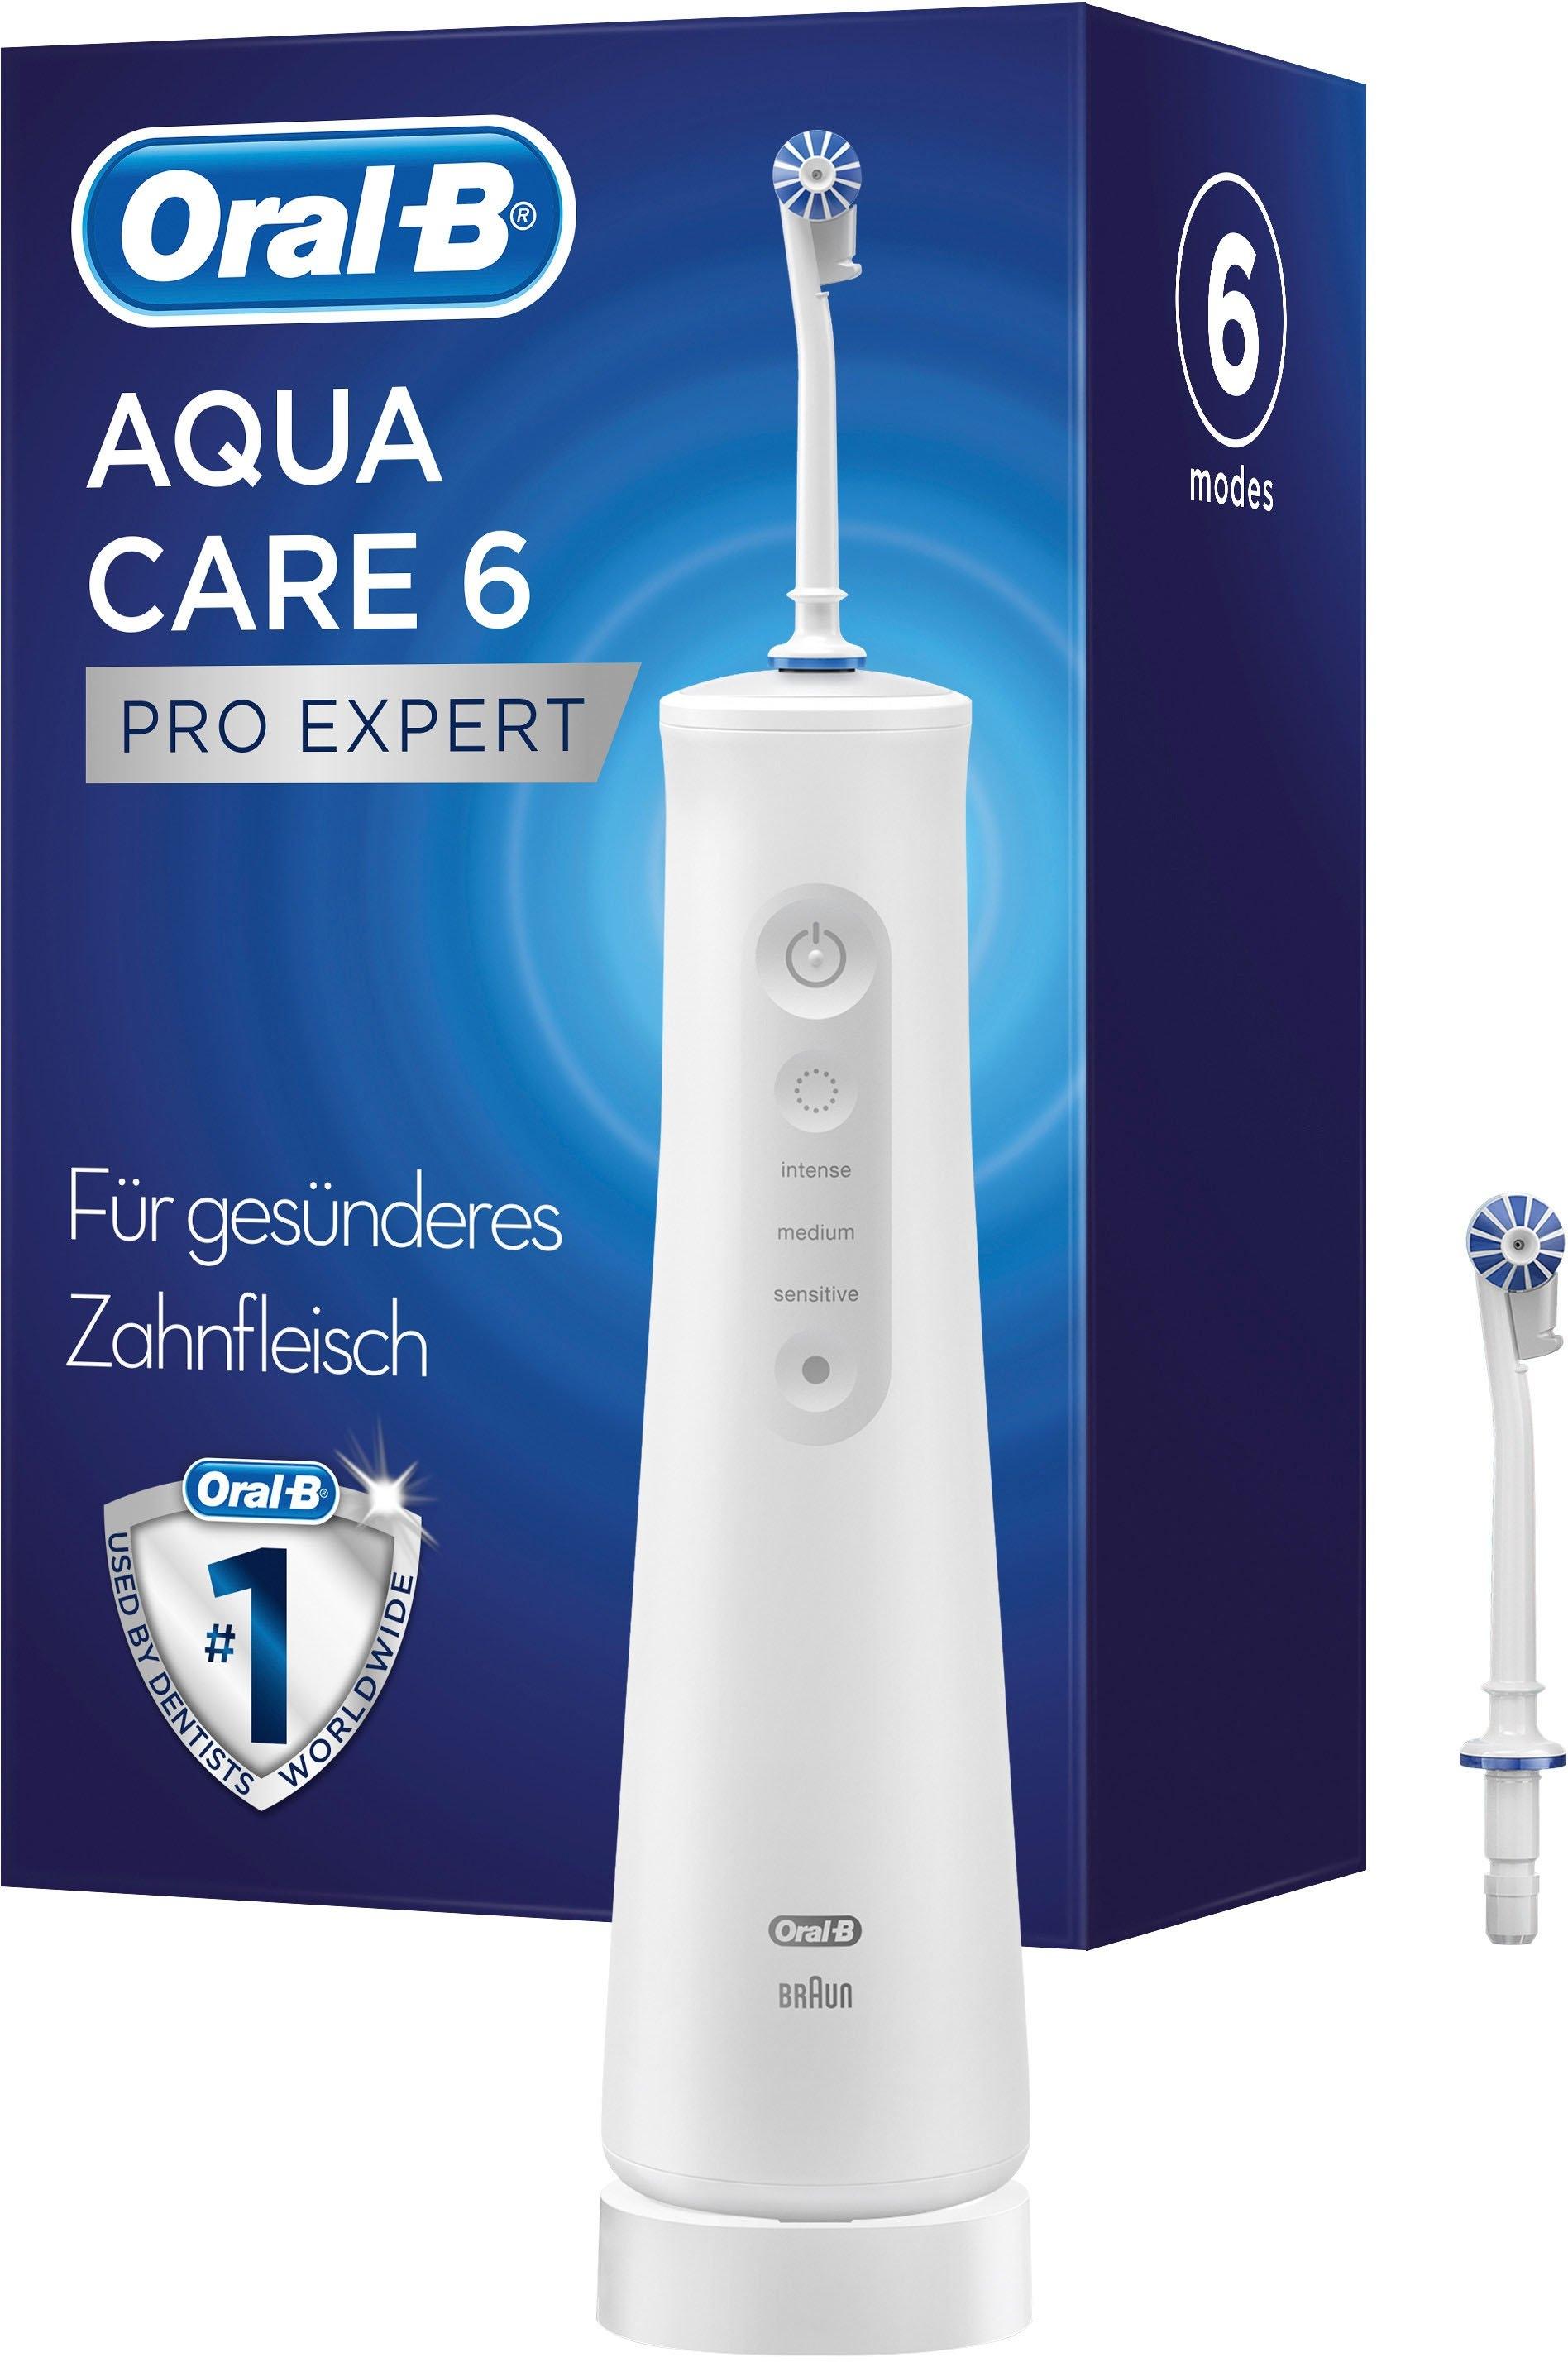 Op zoek naar een Oral B monddouche AquaCare 6 Pro-Expert? Koop online bij OTTO